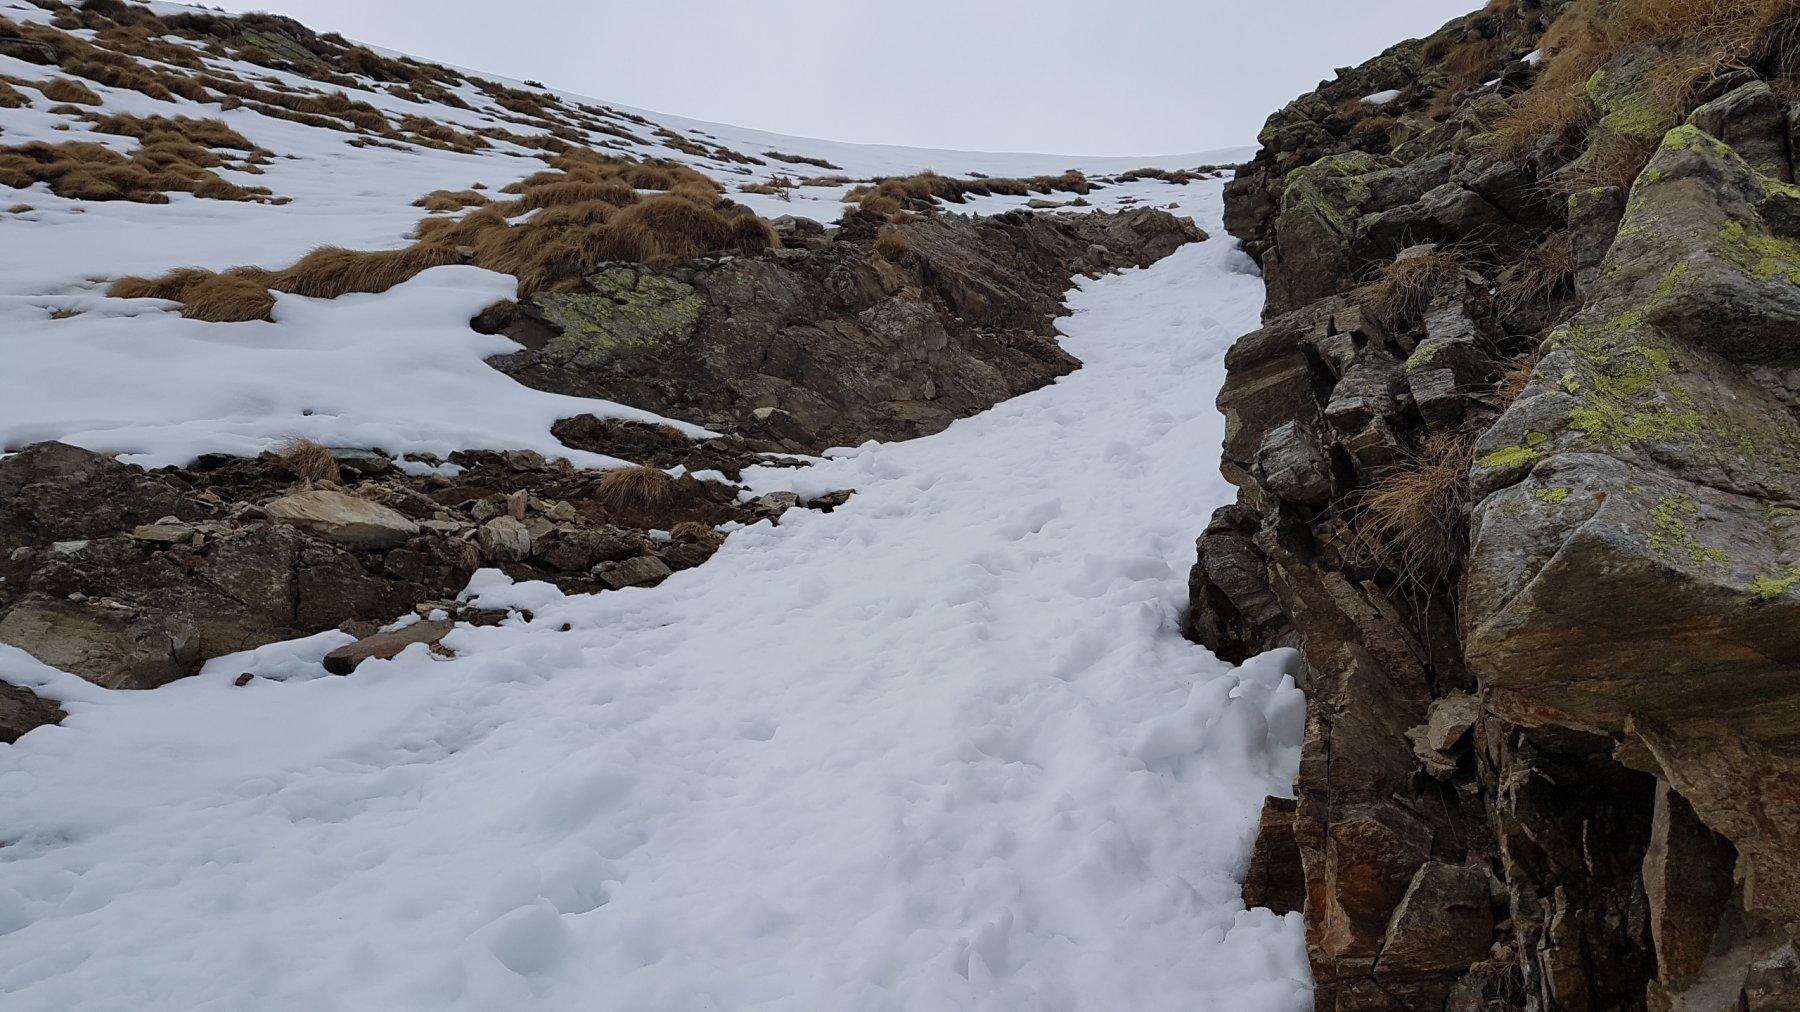 Impluvio da attraversare con neve a quota 2000 m